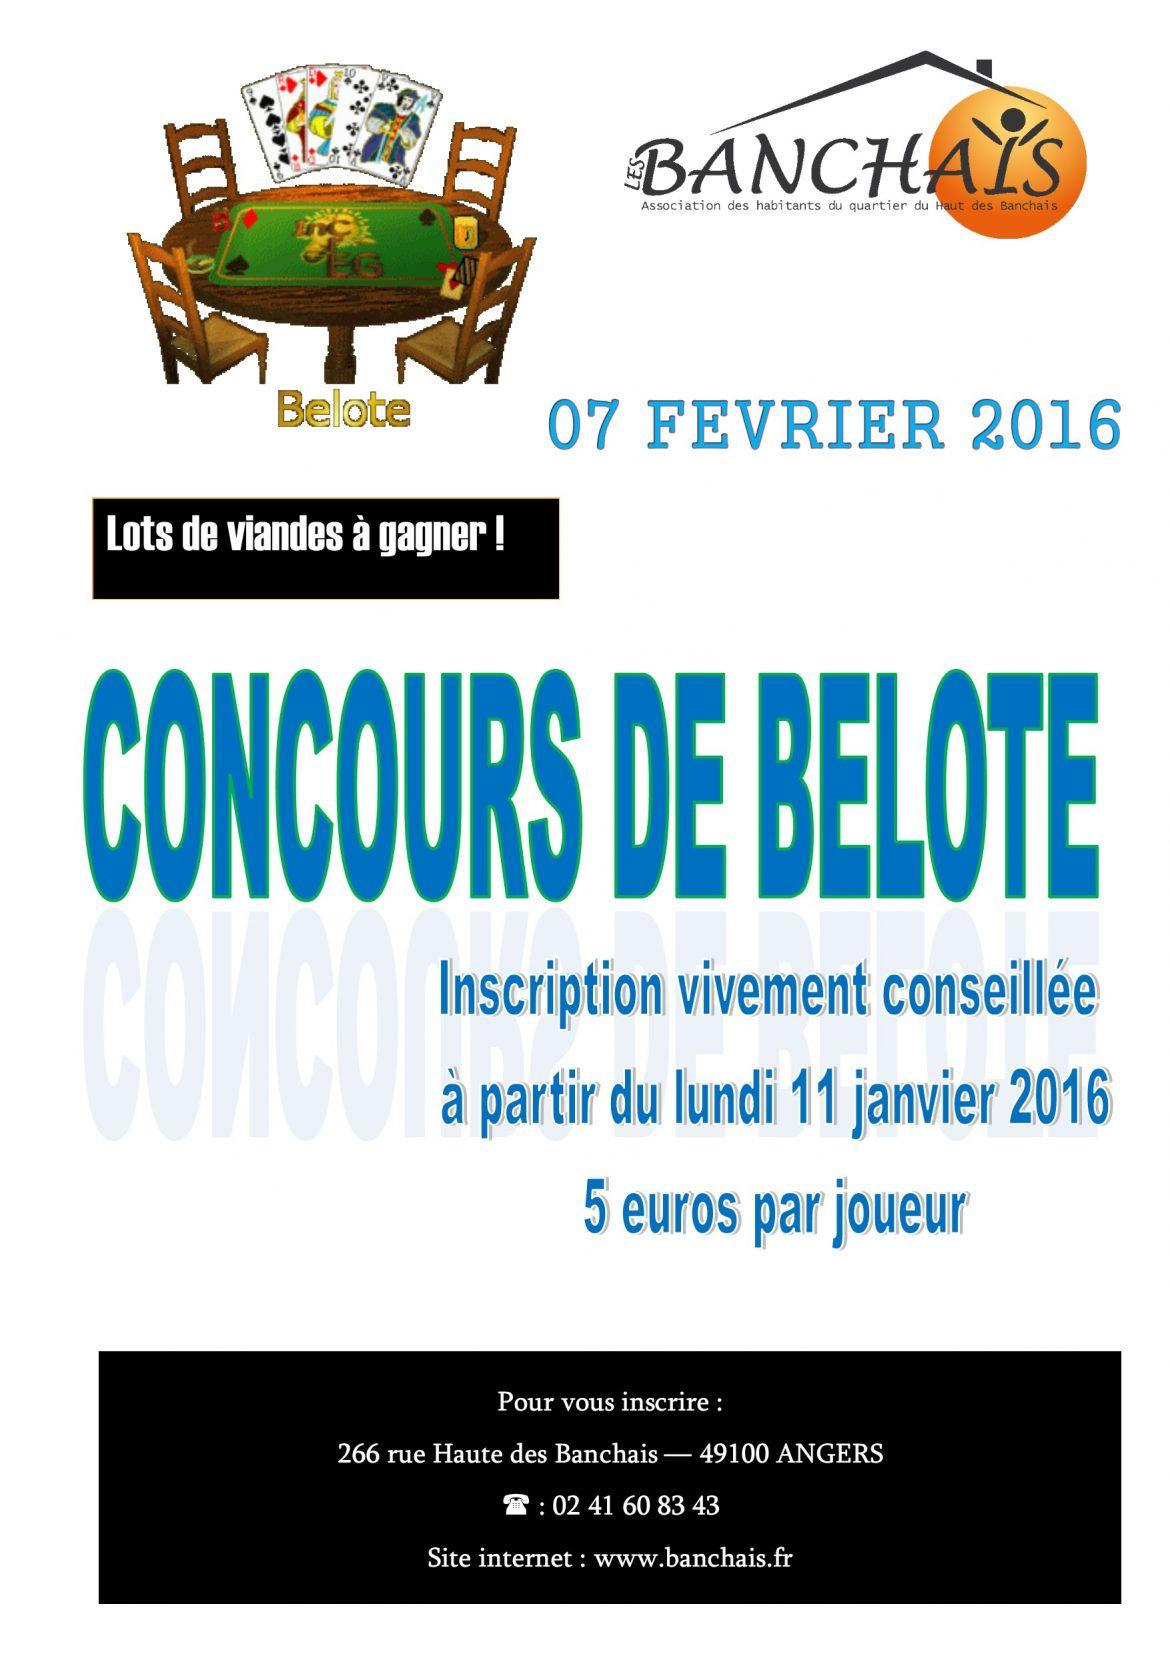 Affiche du Concours de belote 07 février 2016 à ANGERS